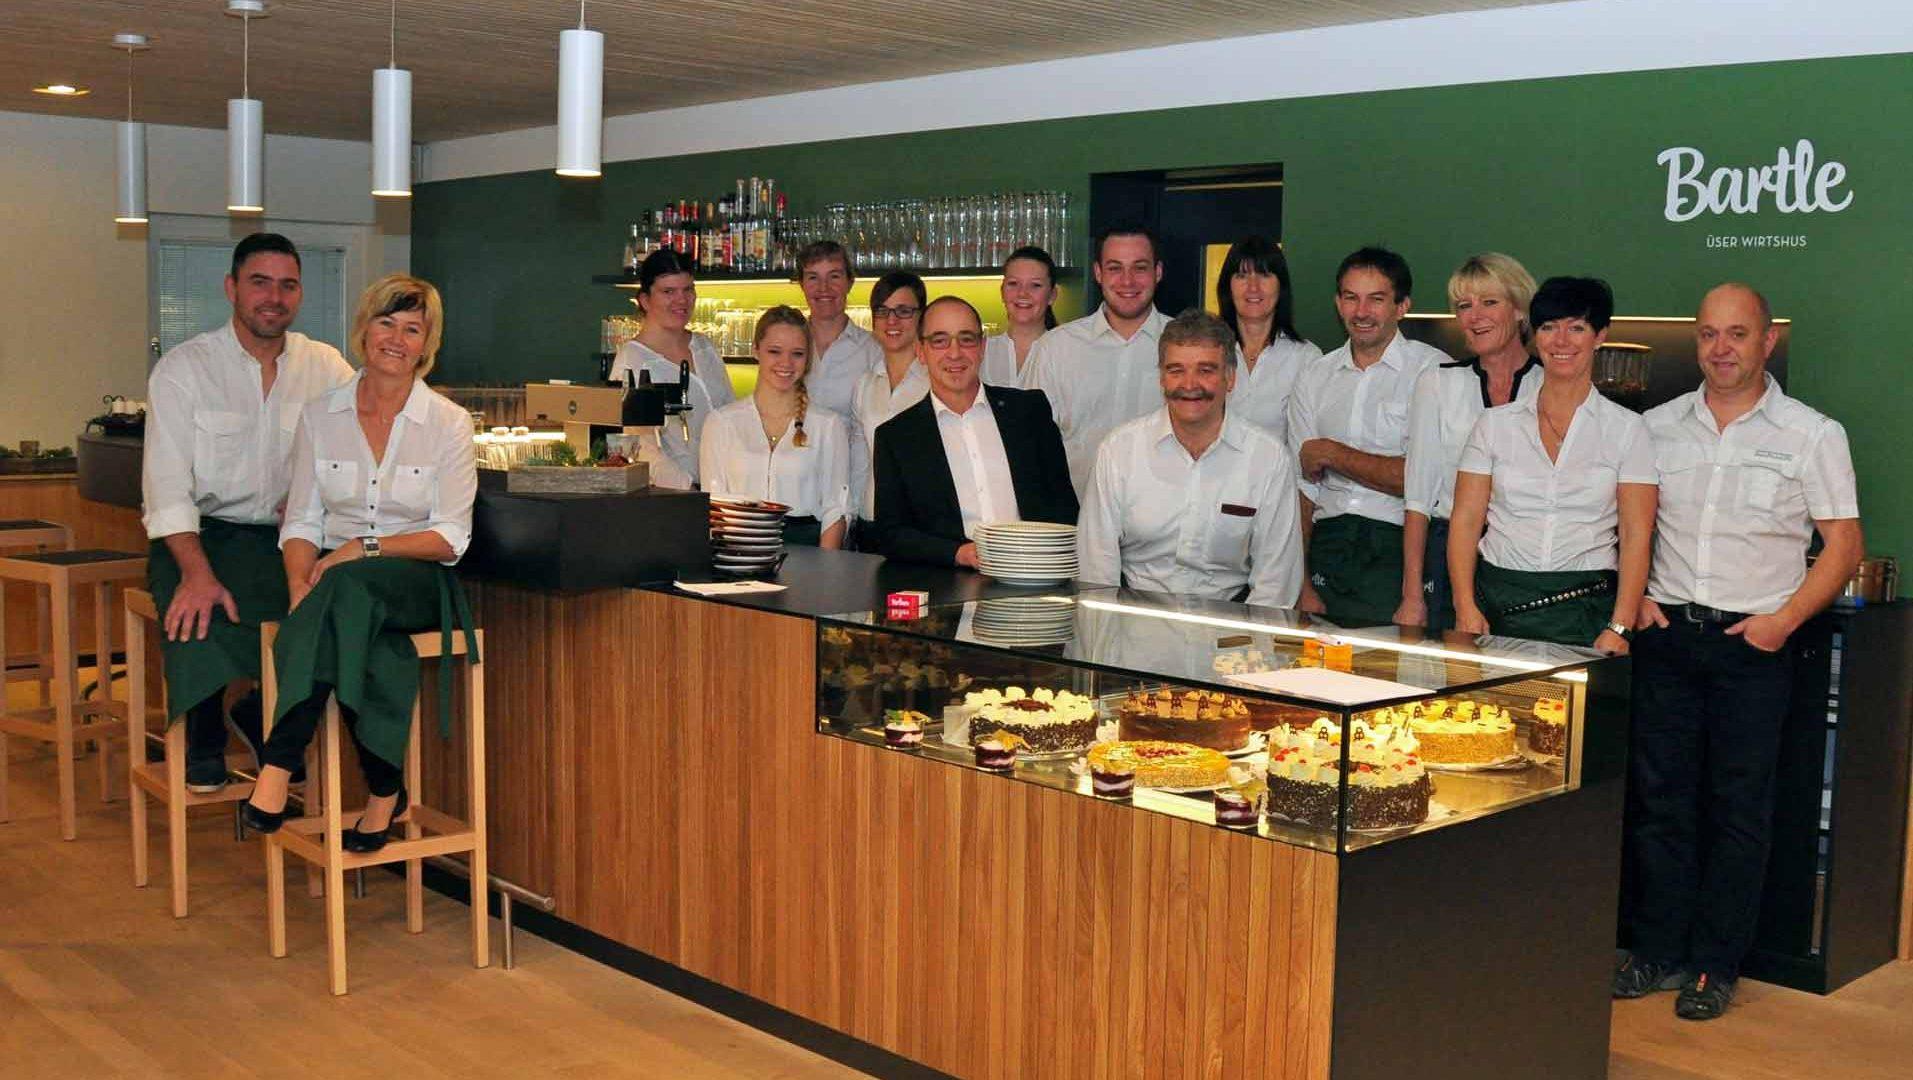 Das Team von Bartle besteht aus fünf fix angestellten Mitarbeiter/innen und zahlreichen freiwilligen Helfern. ©Gemeinde Riefensberg